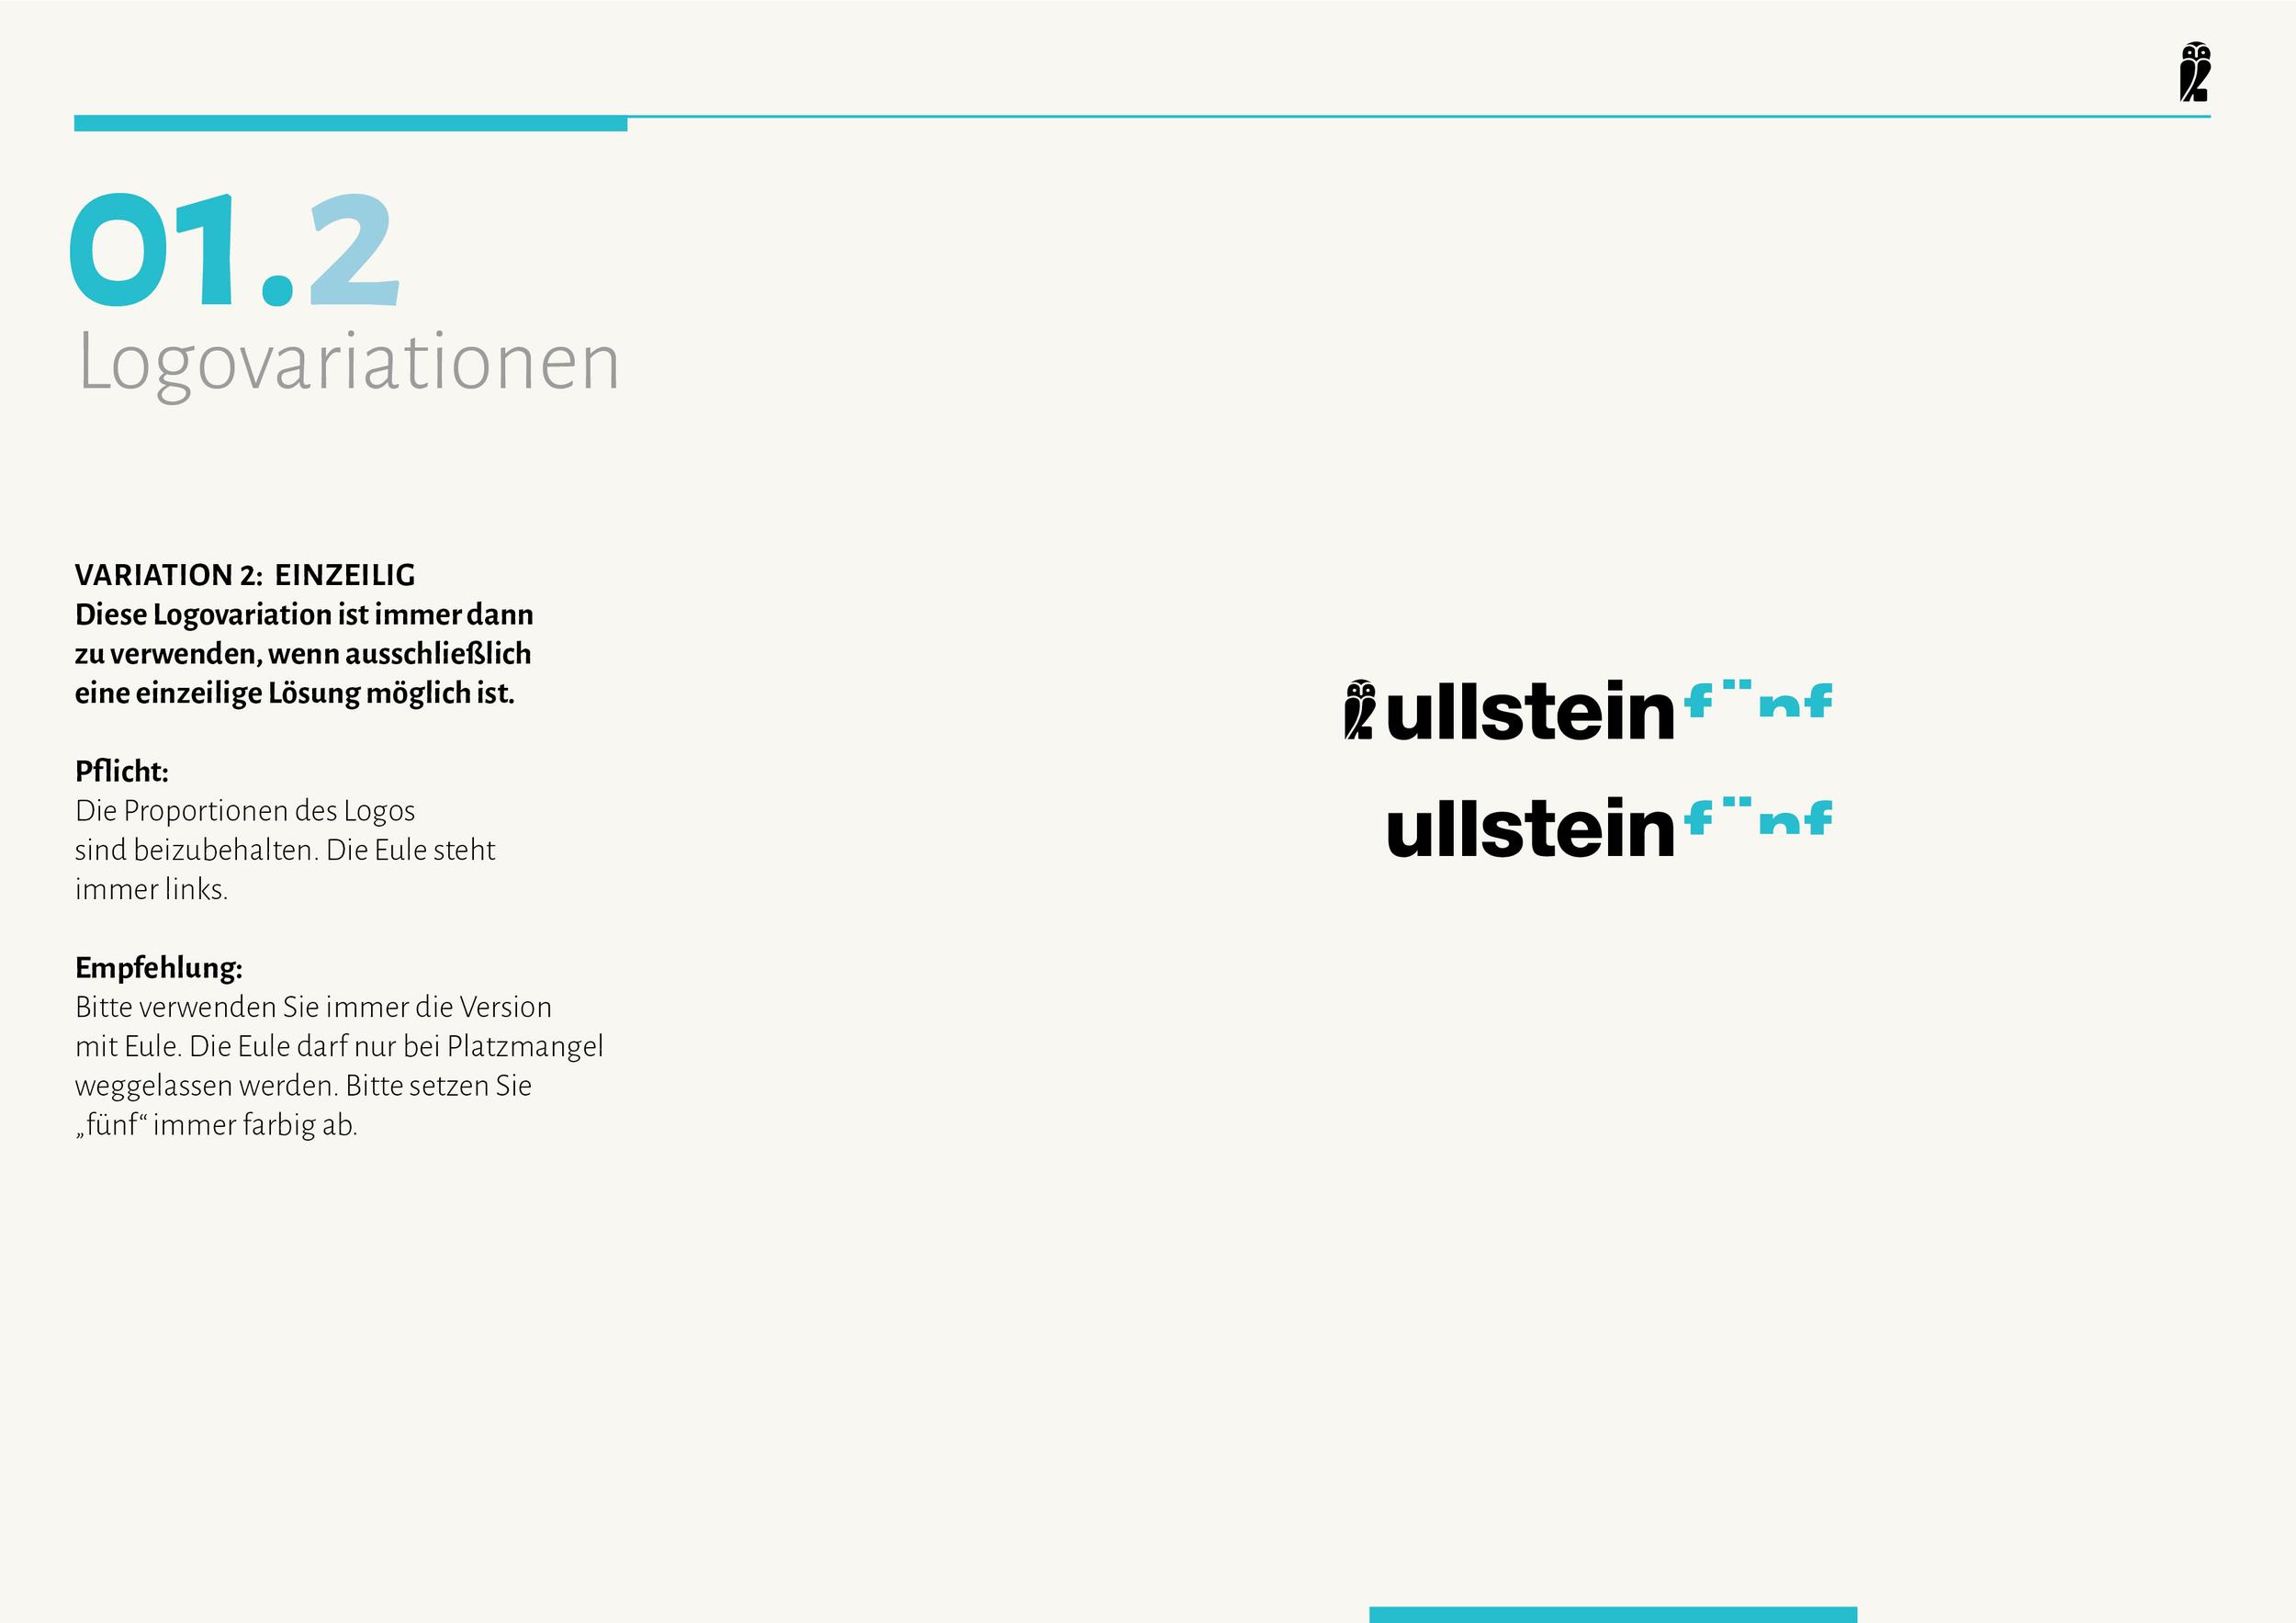 130516_Ullstein 5 Styleguide4.jpg